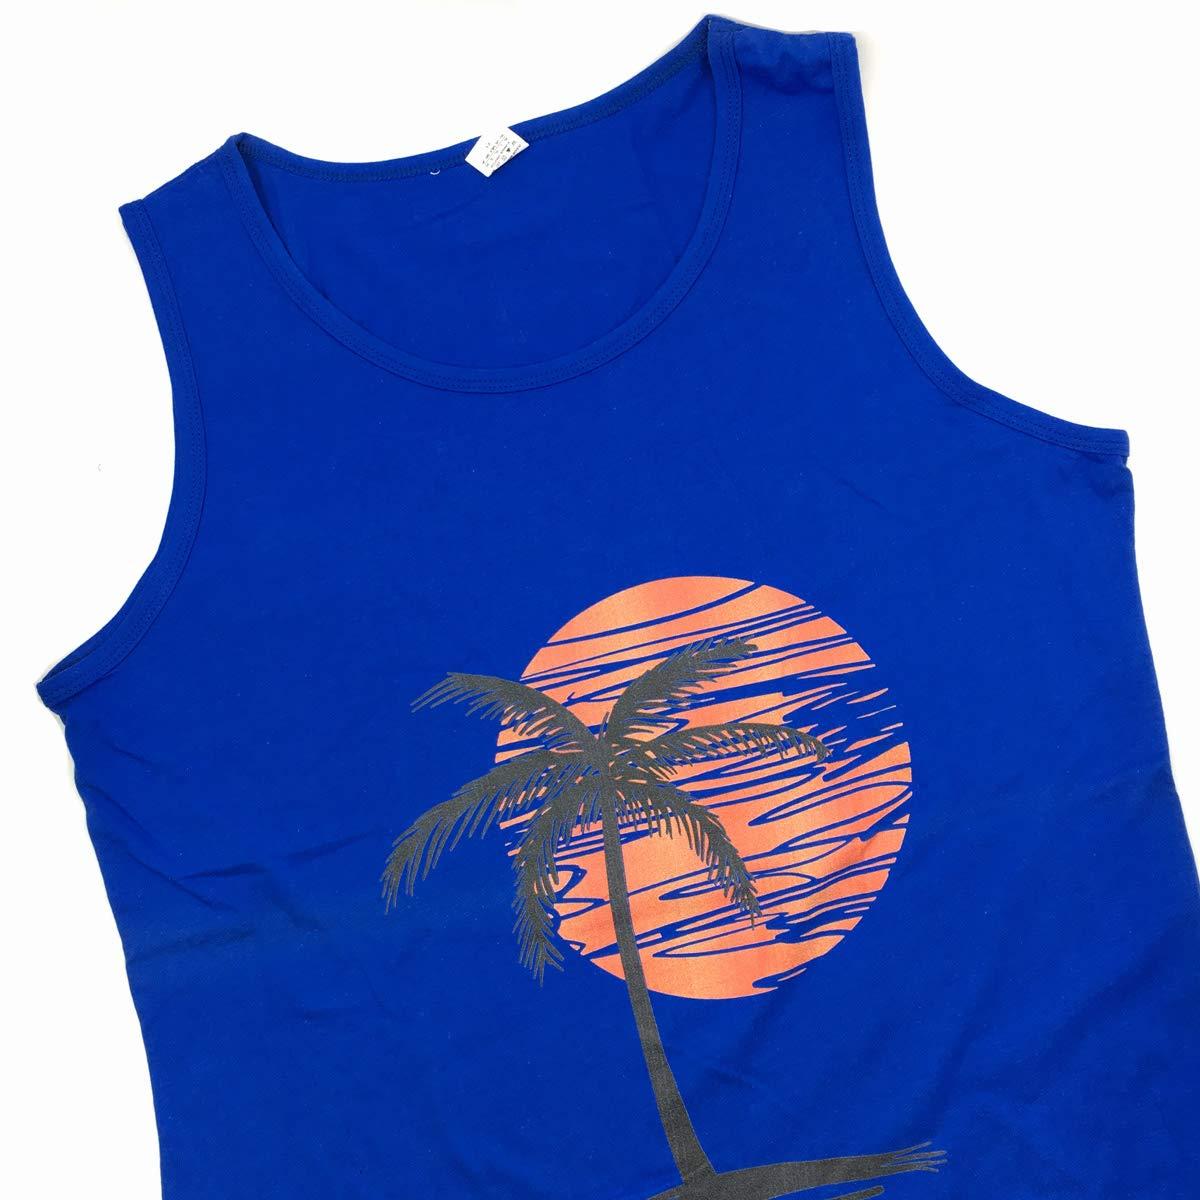 Waldeal Men Palm Tree Sunset Sleeveless Beach Tank Tops Fitness Shirt Size S-3XL